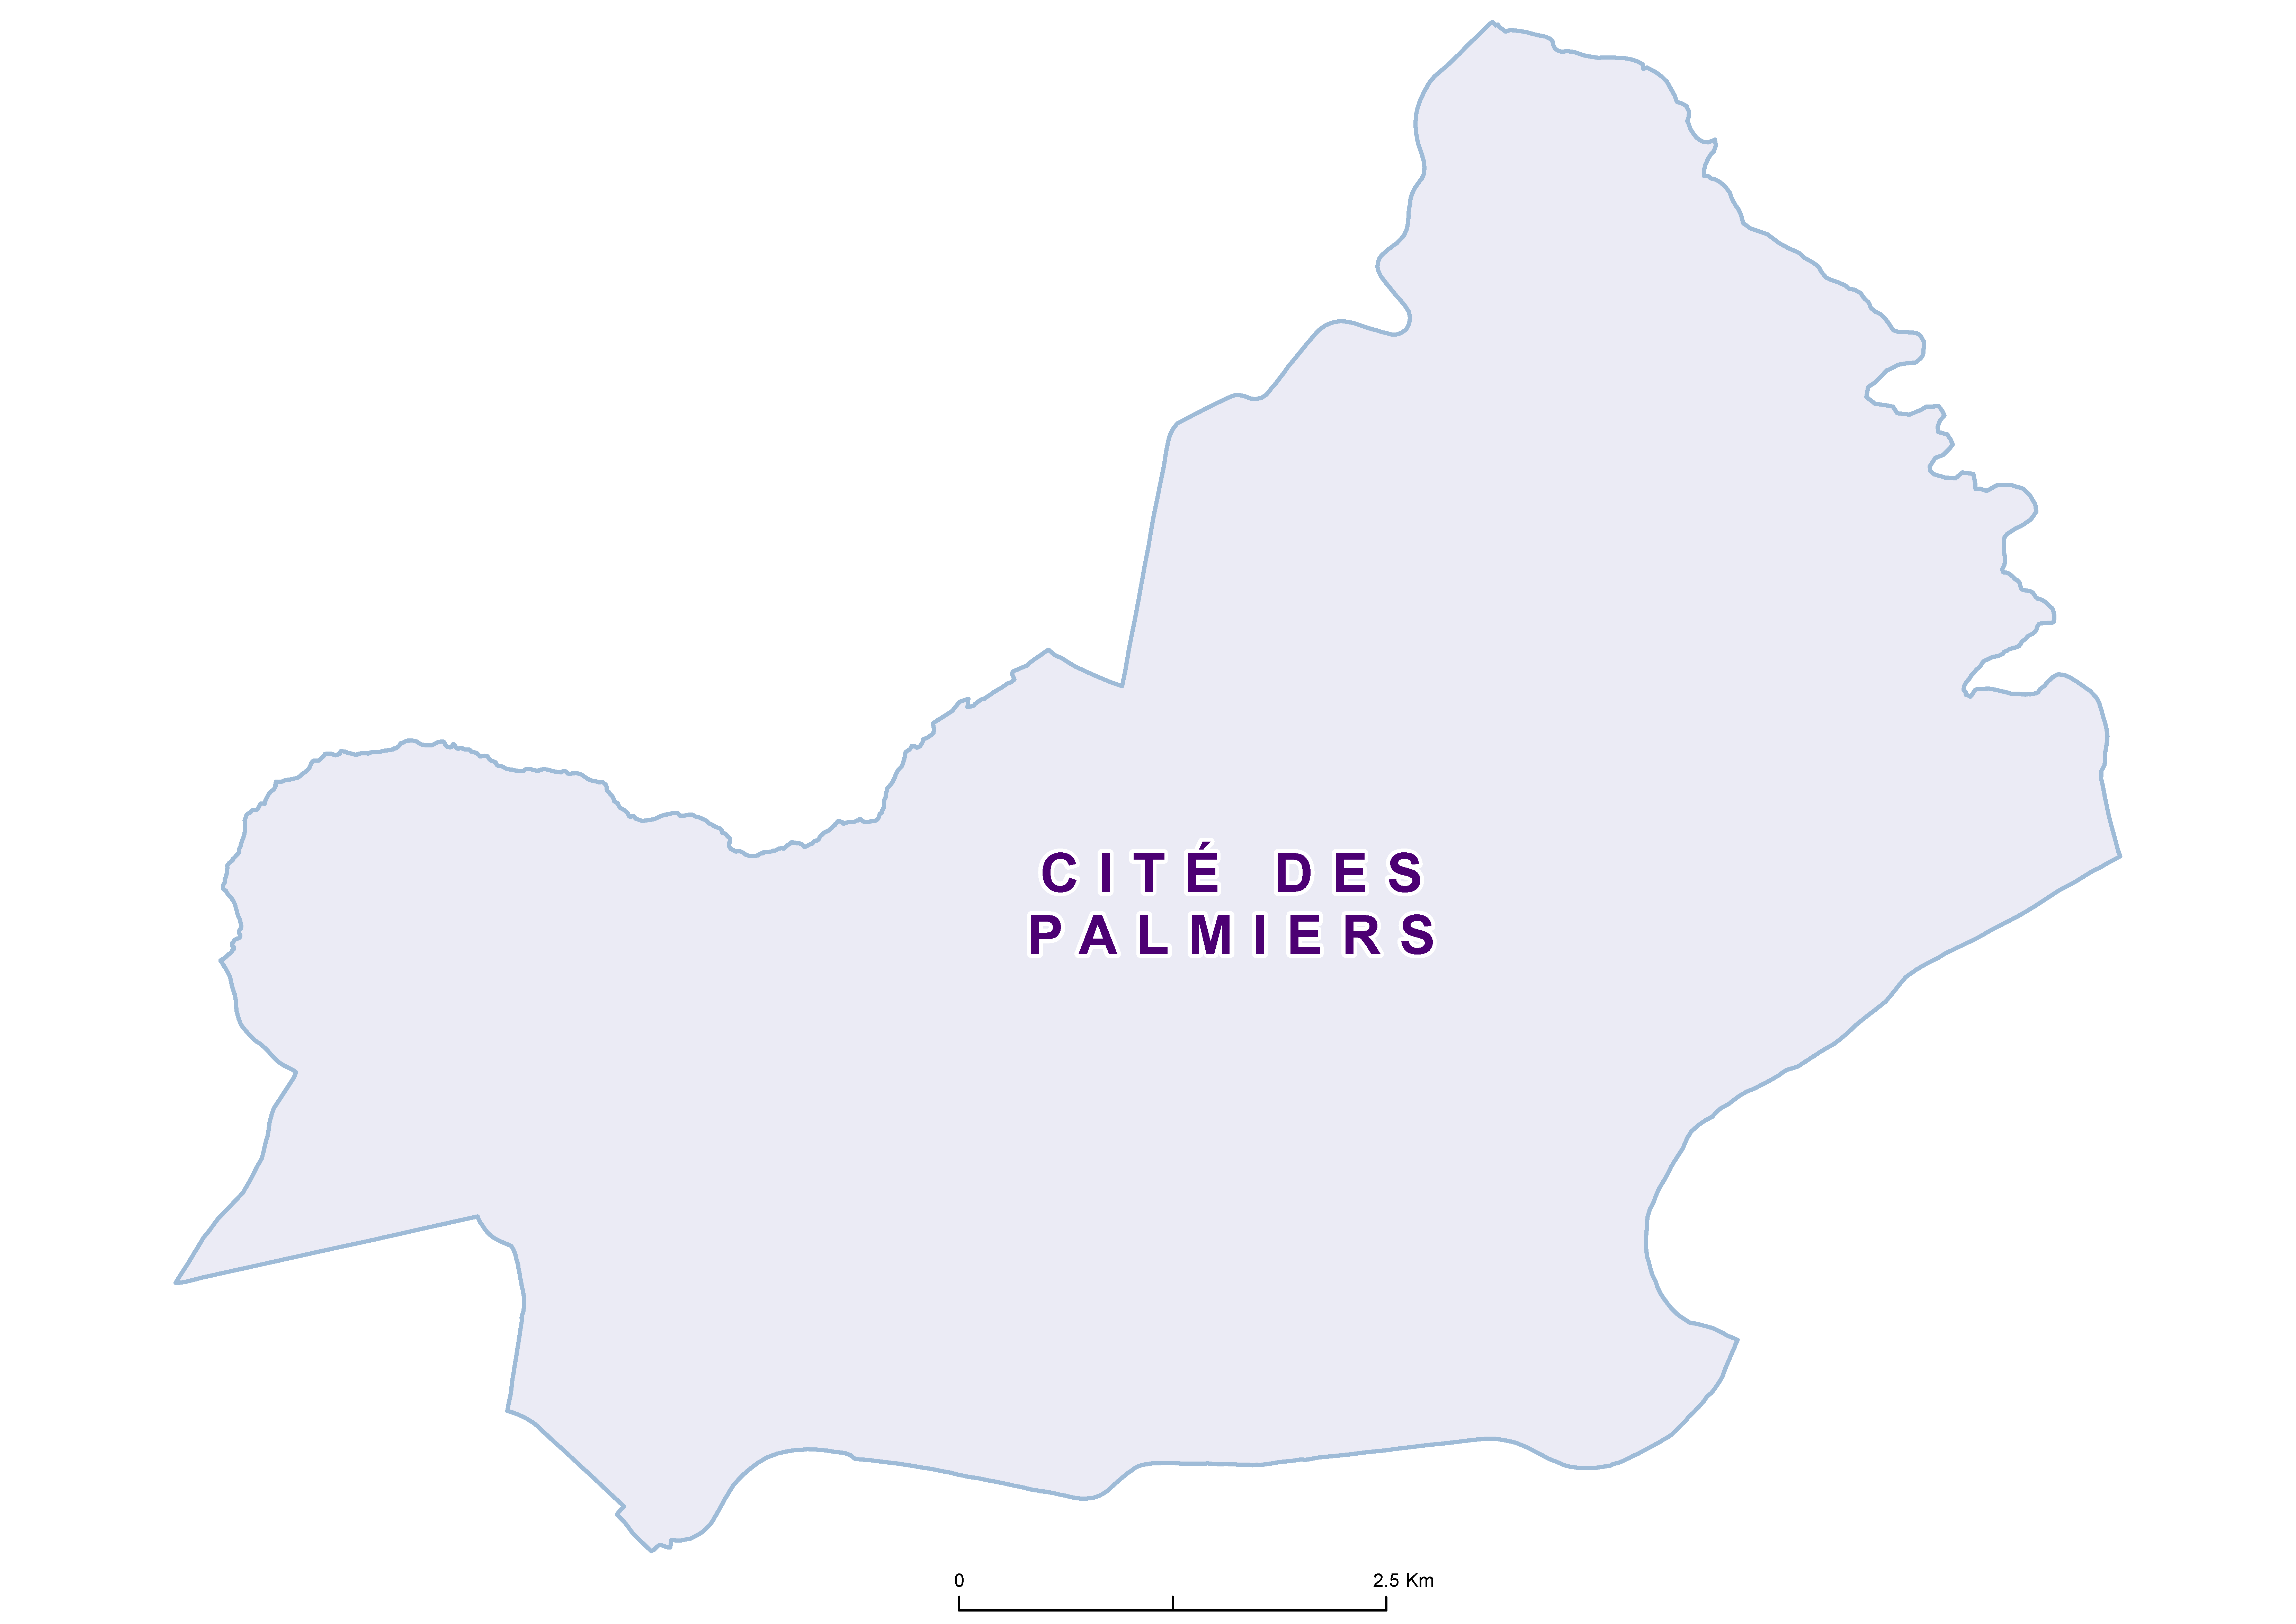 Cité des palmiers Mean SCH 20100001